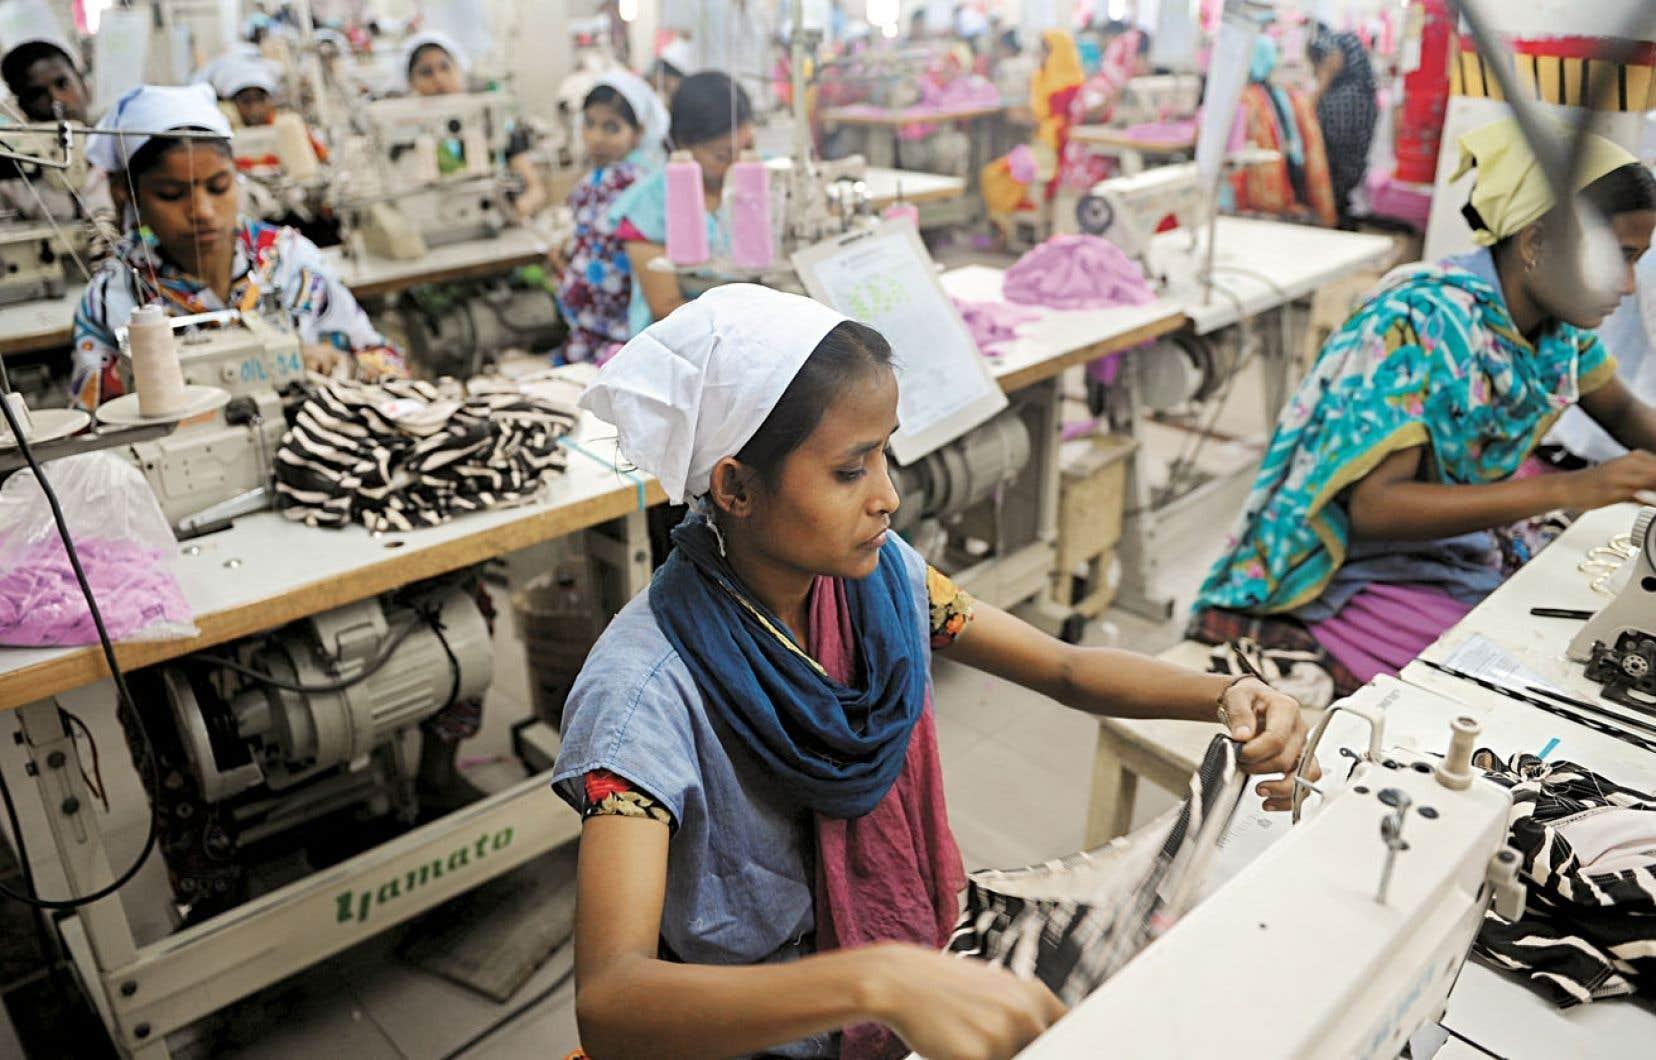 Mallika Shakya, professeure à la South Asian University, à New Delhi, trouve révoltant l'argument néolibéral « réducteur » qui veut faire croire que le travail en usine, même à salaire médiocre, constitue malgré tout un instrument de progrès et d'ascension sociale pour un grand nombre de gens dans les pays pauvres. Ci-dessus, des travailleuses s'affairent dans une usine de Dacca.